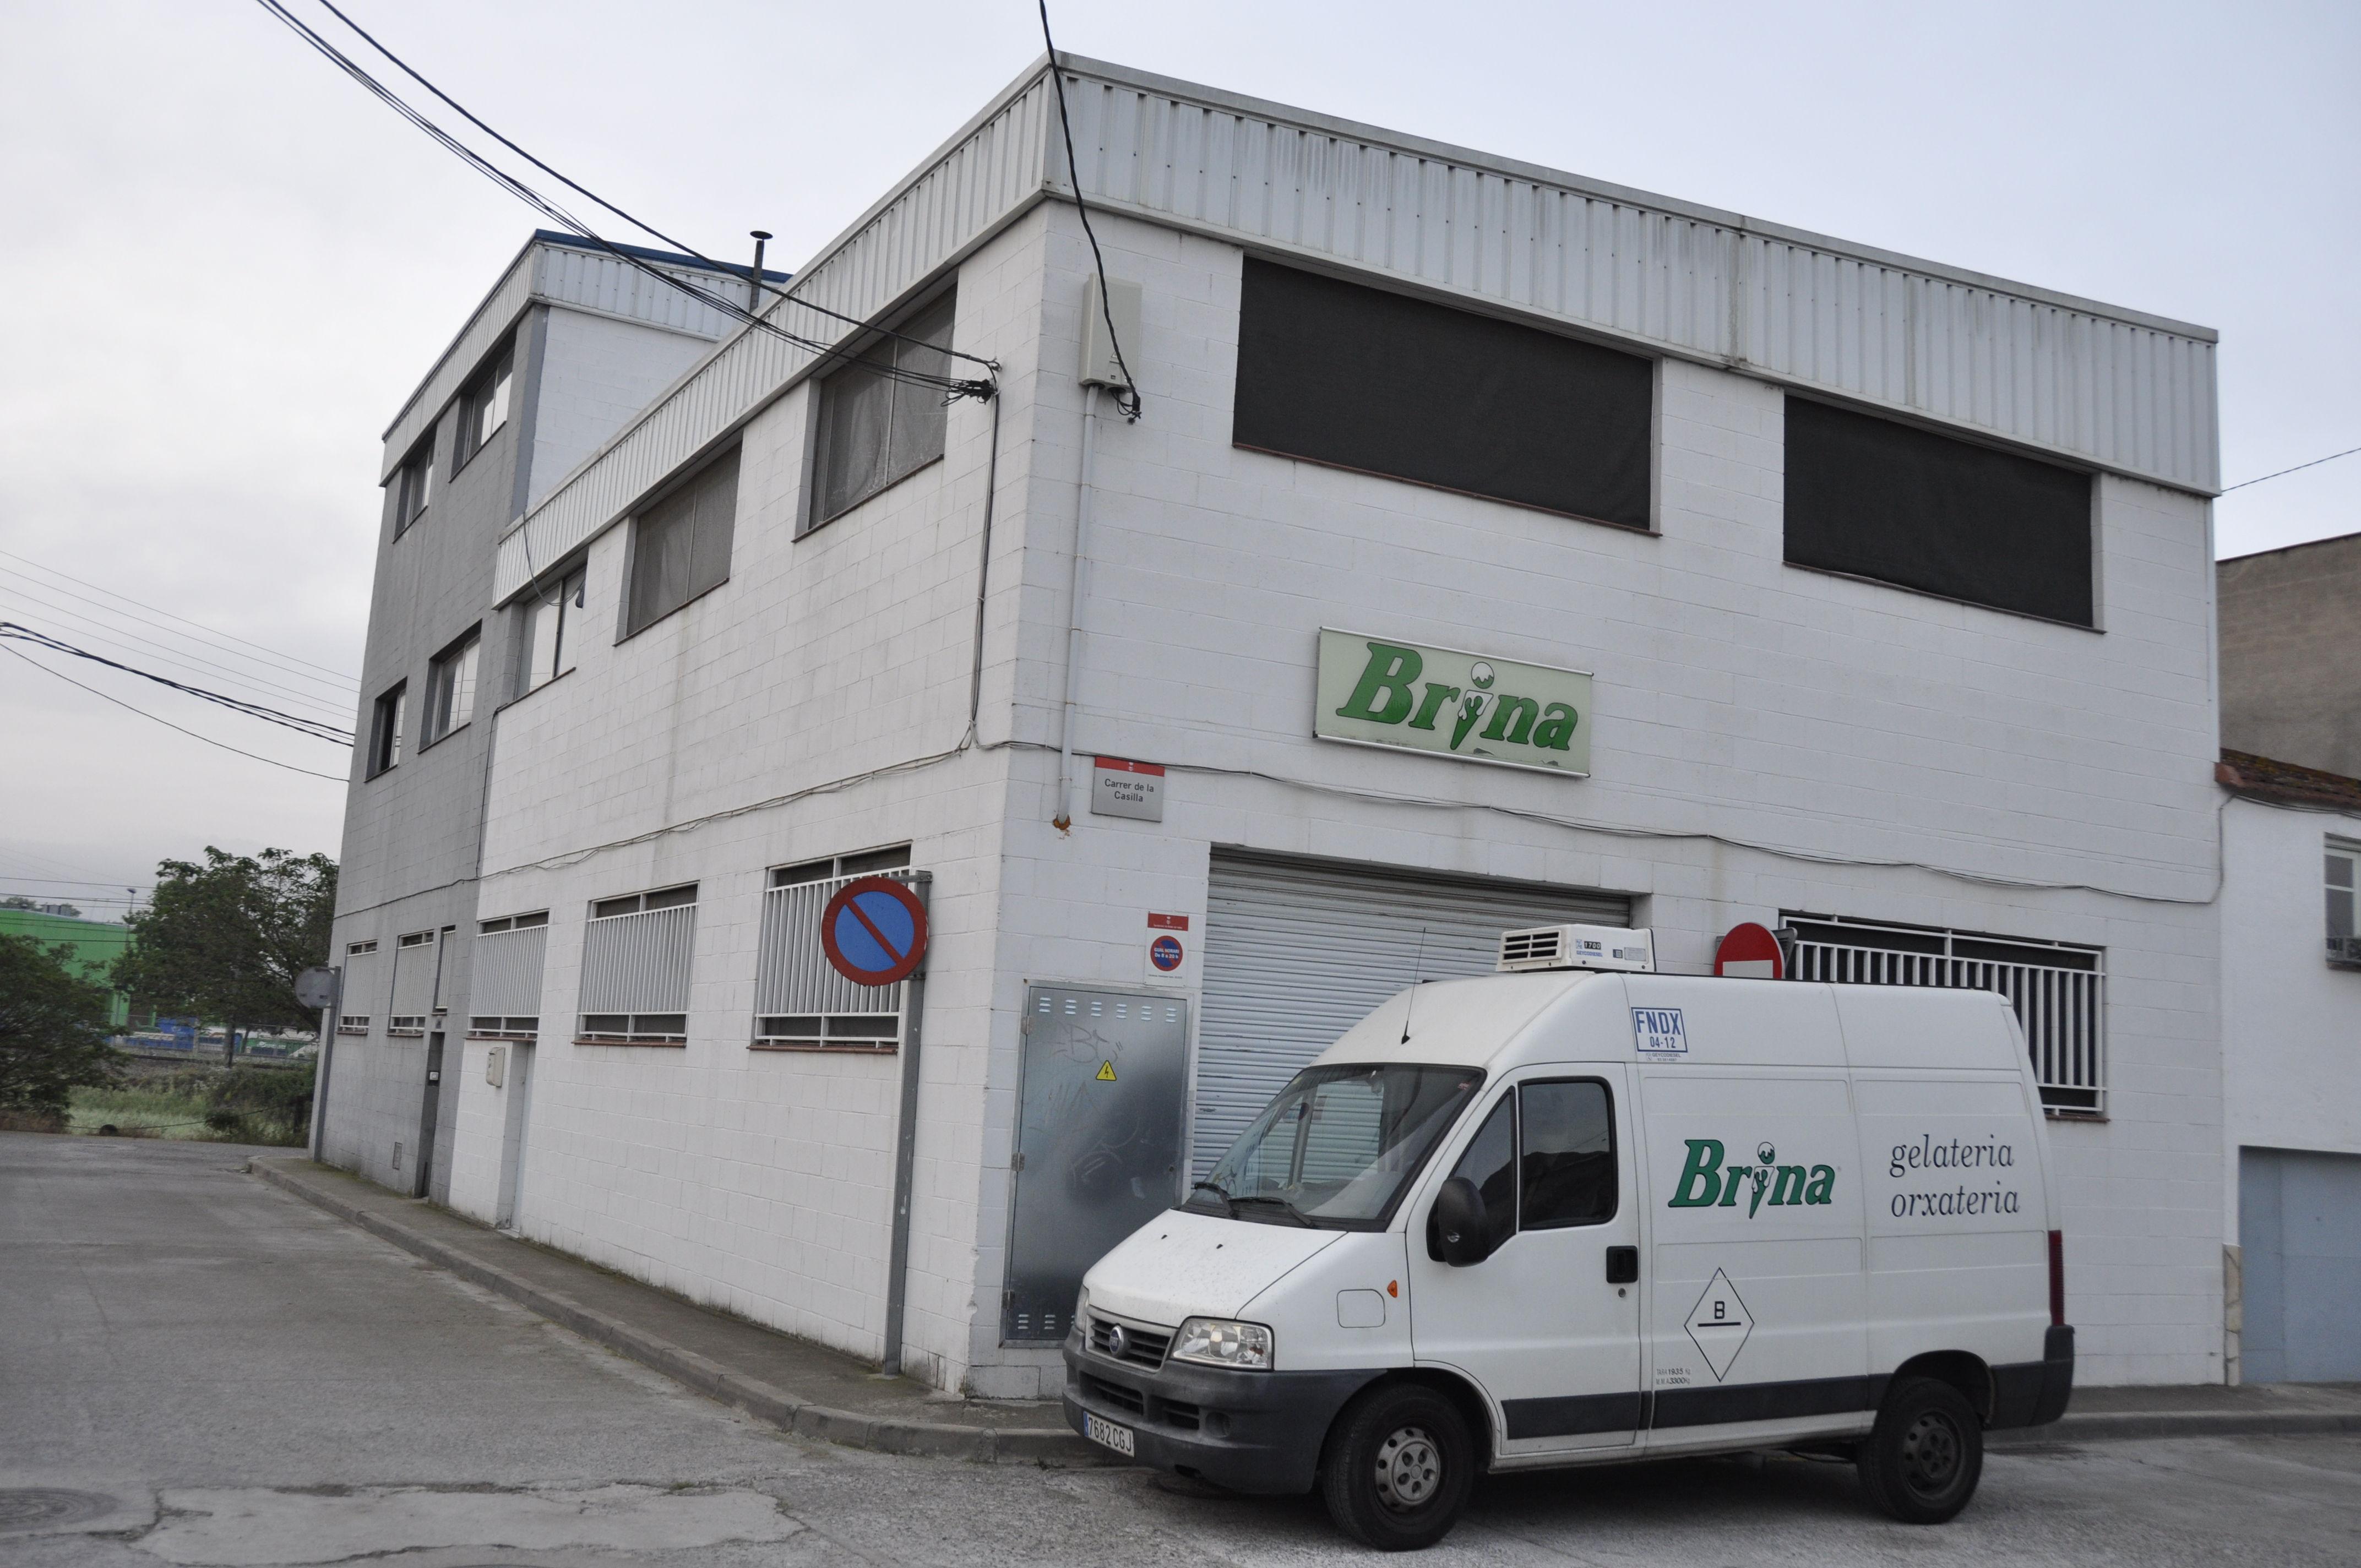 Foto 18 de Fábrica de helados en Mollet del Vallès | Brina, S.L.